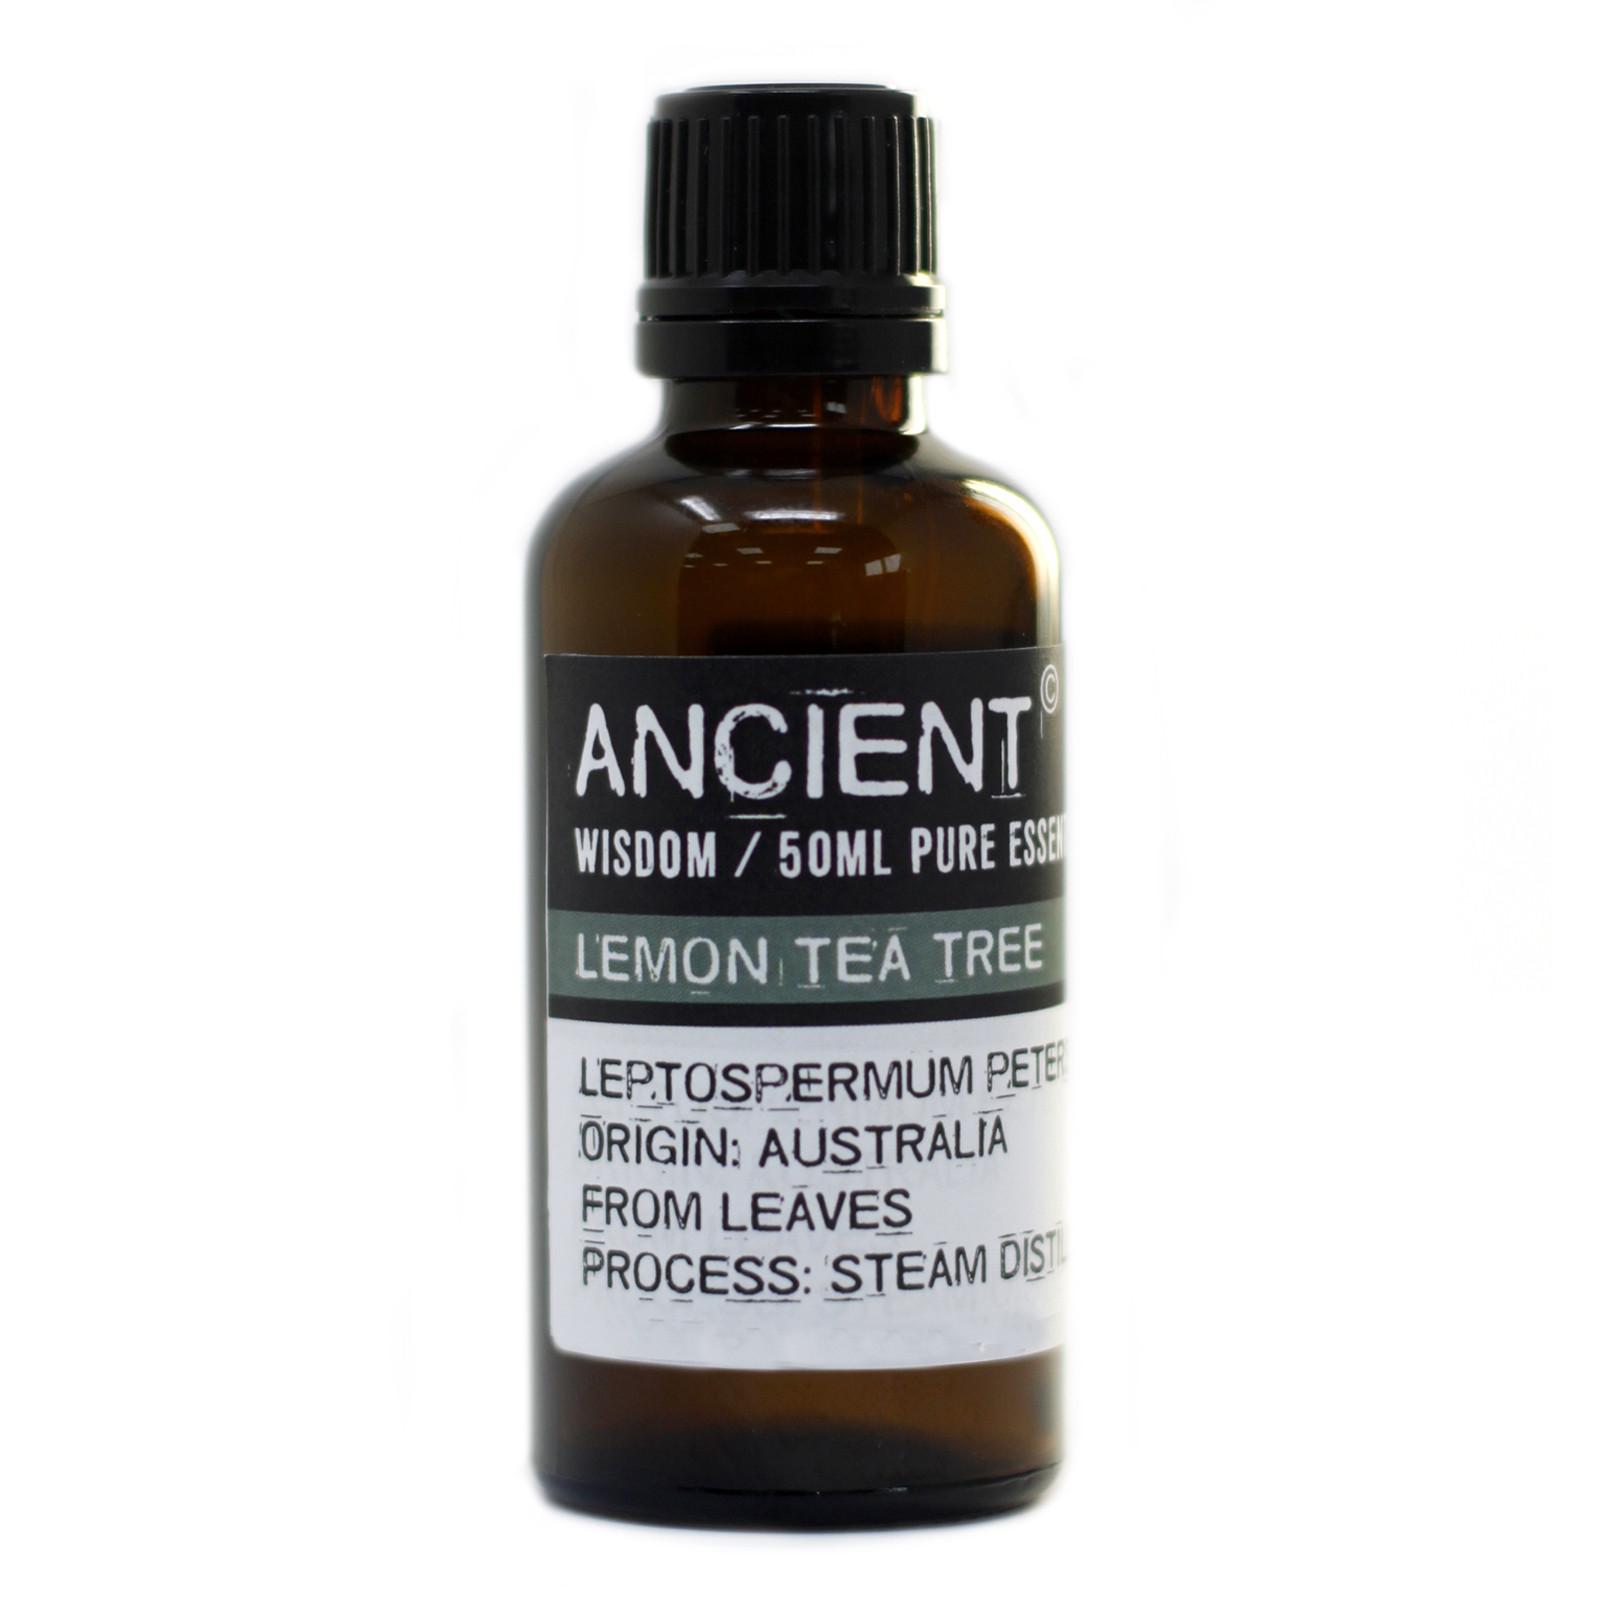 Lemon Tea Tree50ml